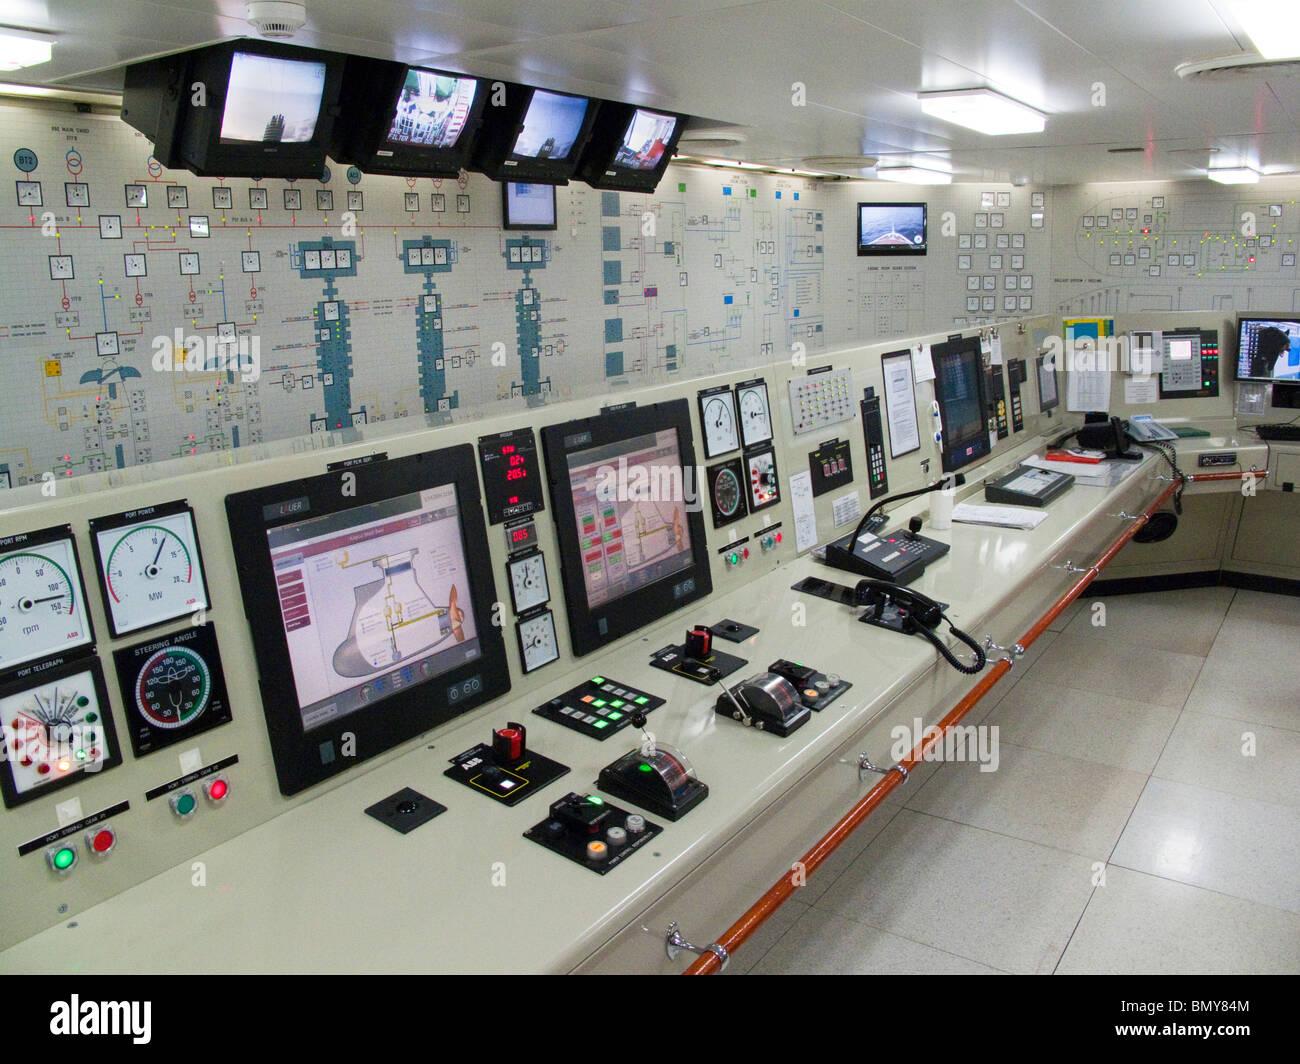 Holland America Cruise Ship Interior Stock Photos Holland - Cruise ship controls